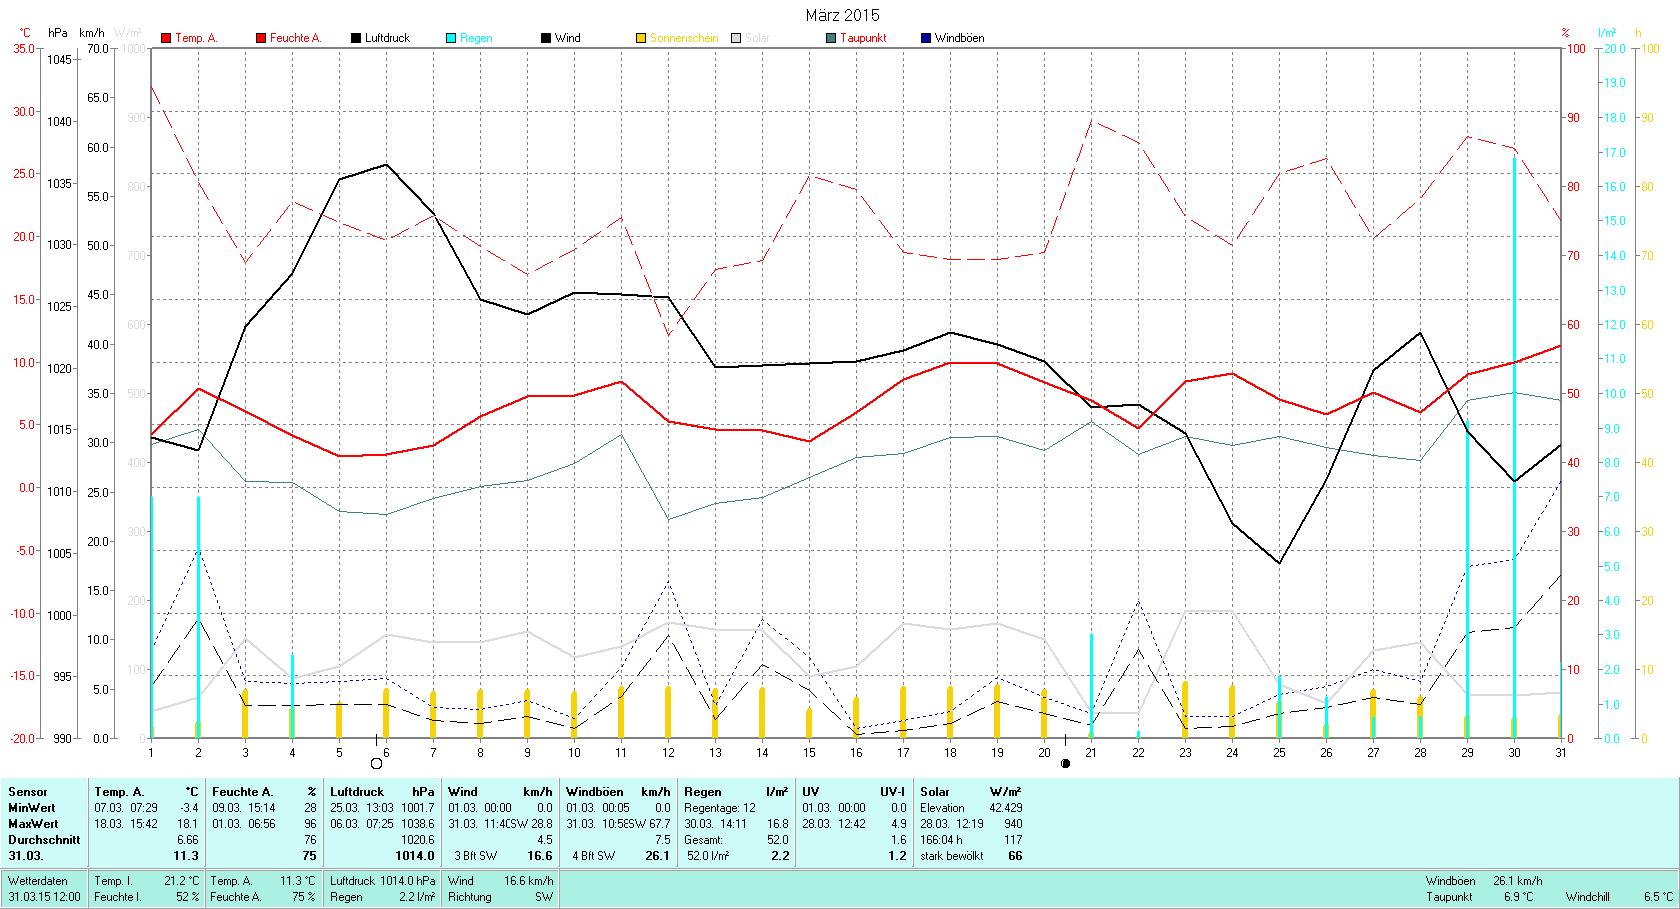 März 2015 Tmin -3.4°C, Tmax 18.1°C, Sonne 166:04h, Niederschlag 52.0mm/2